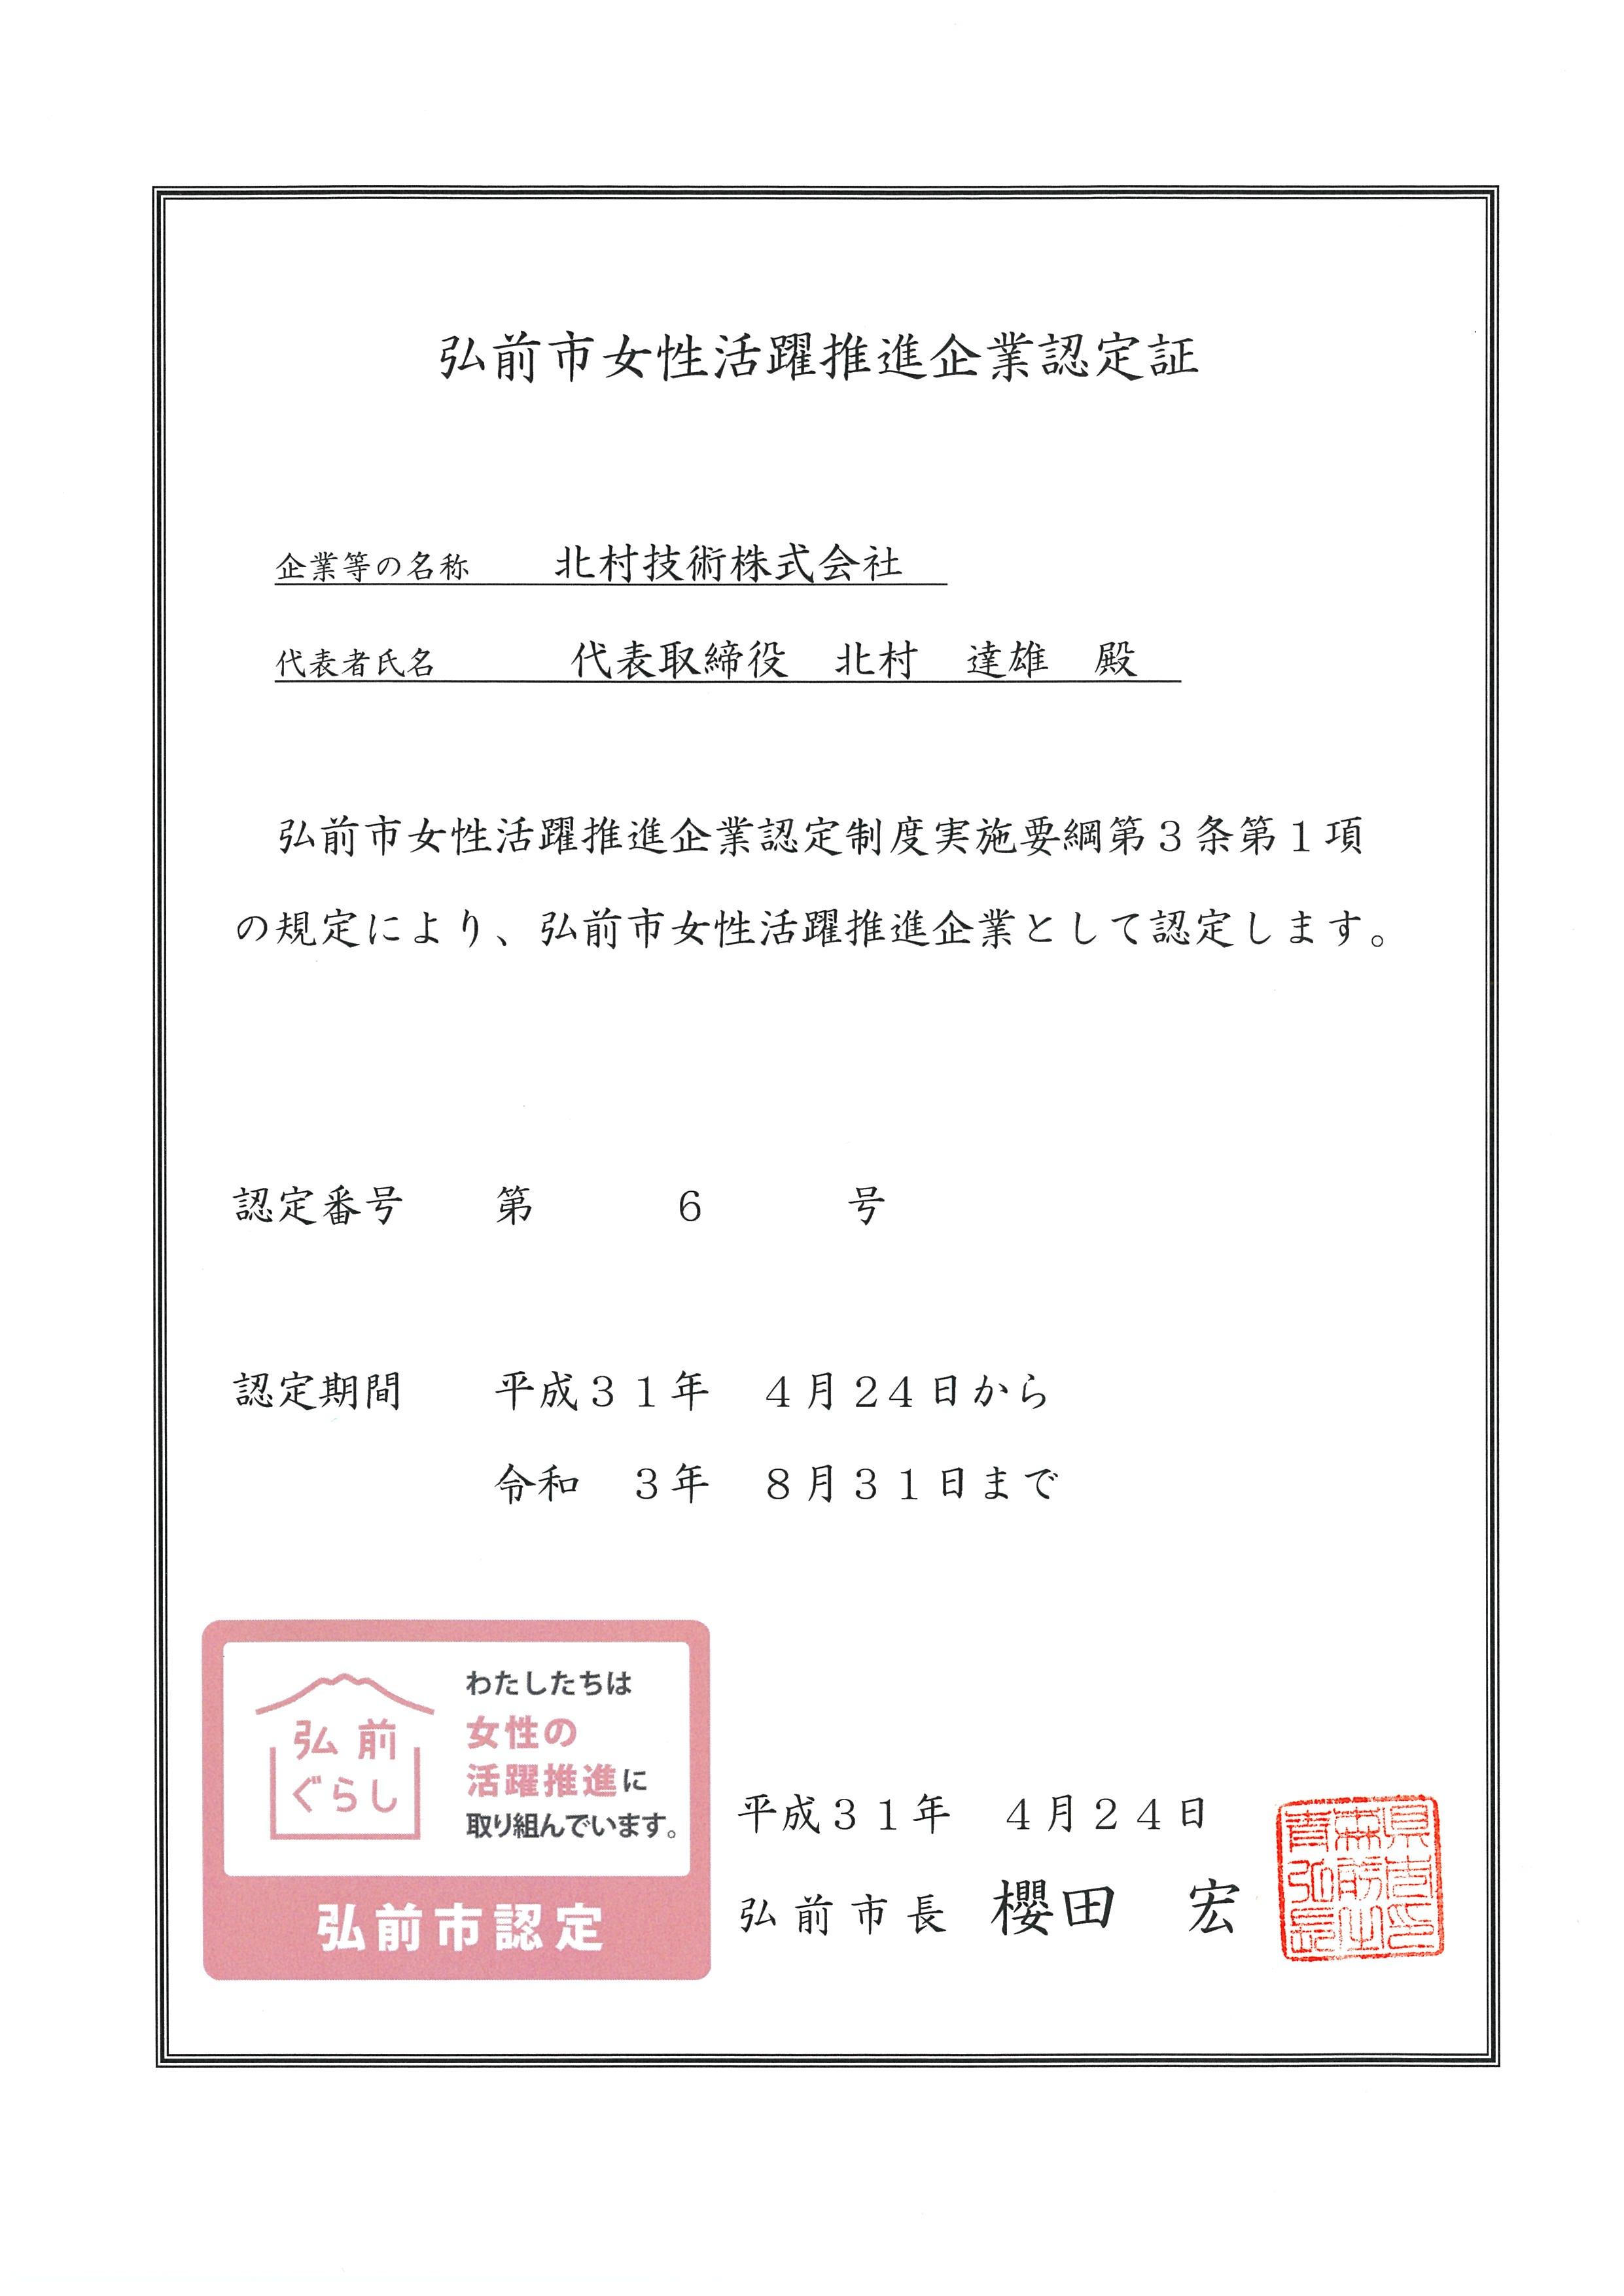 弘前市女性活躍推進企業認定証